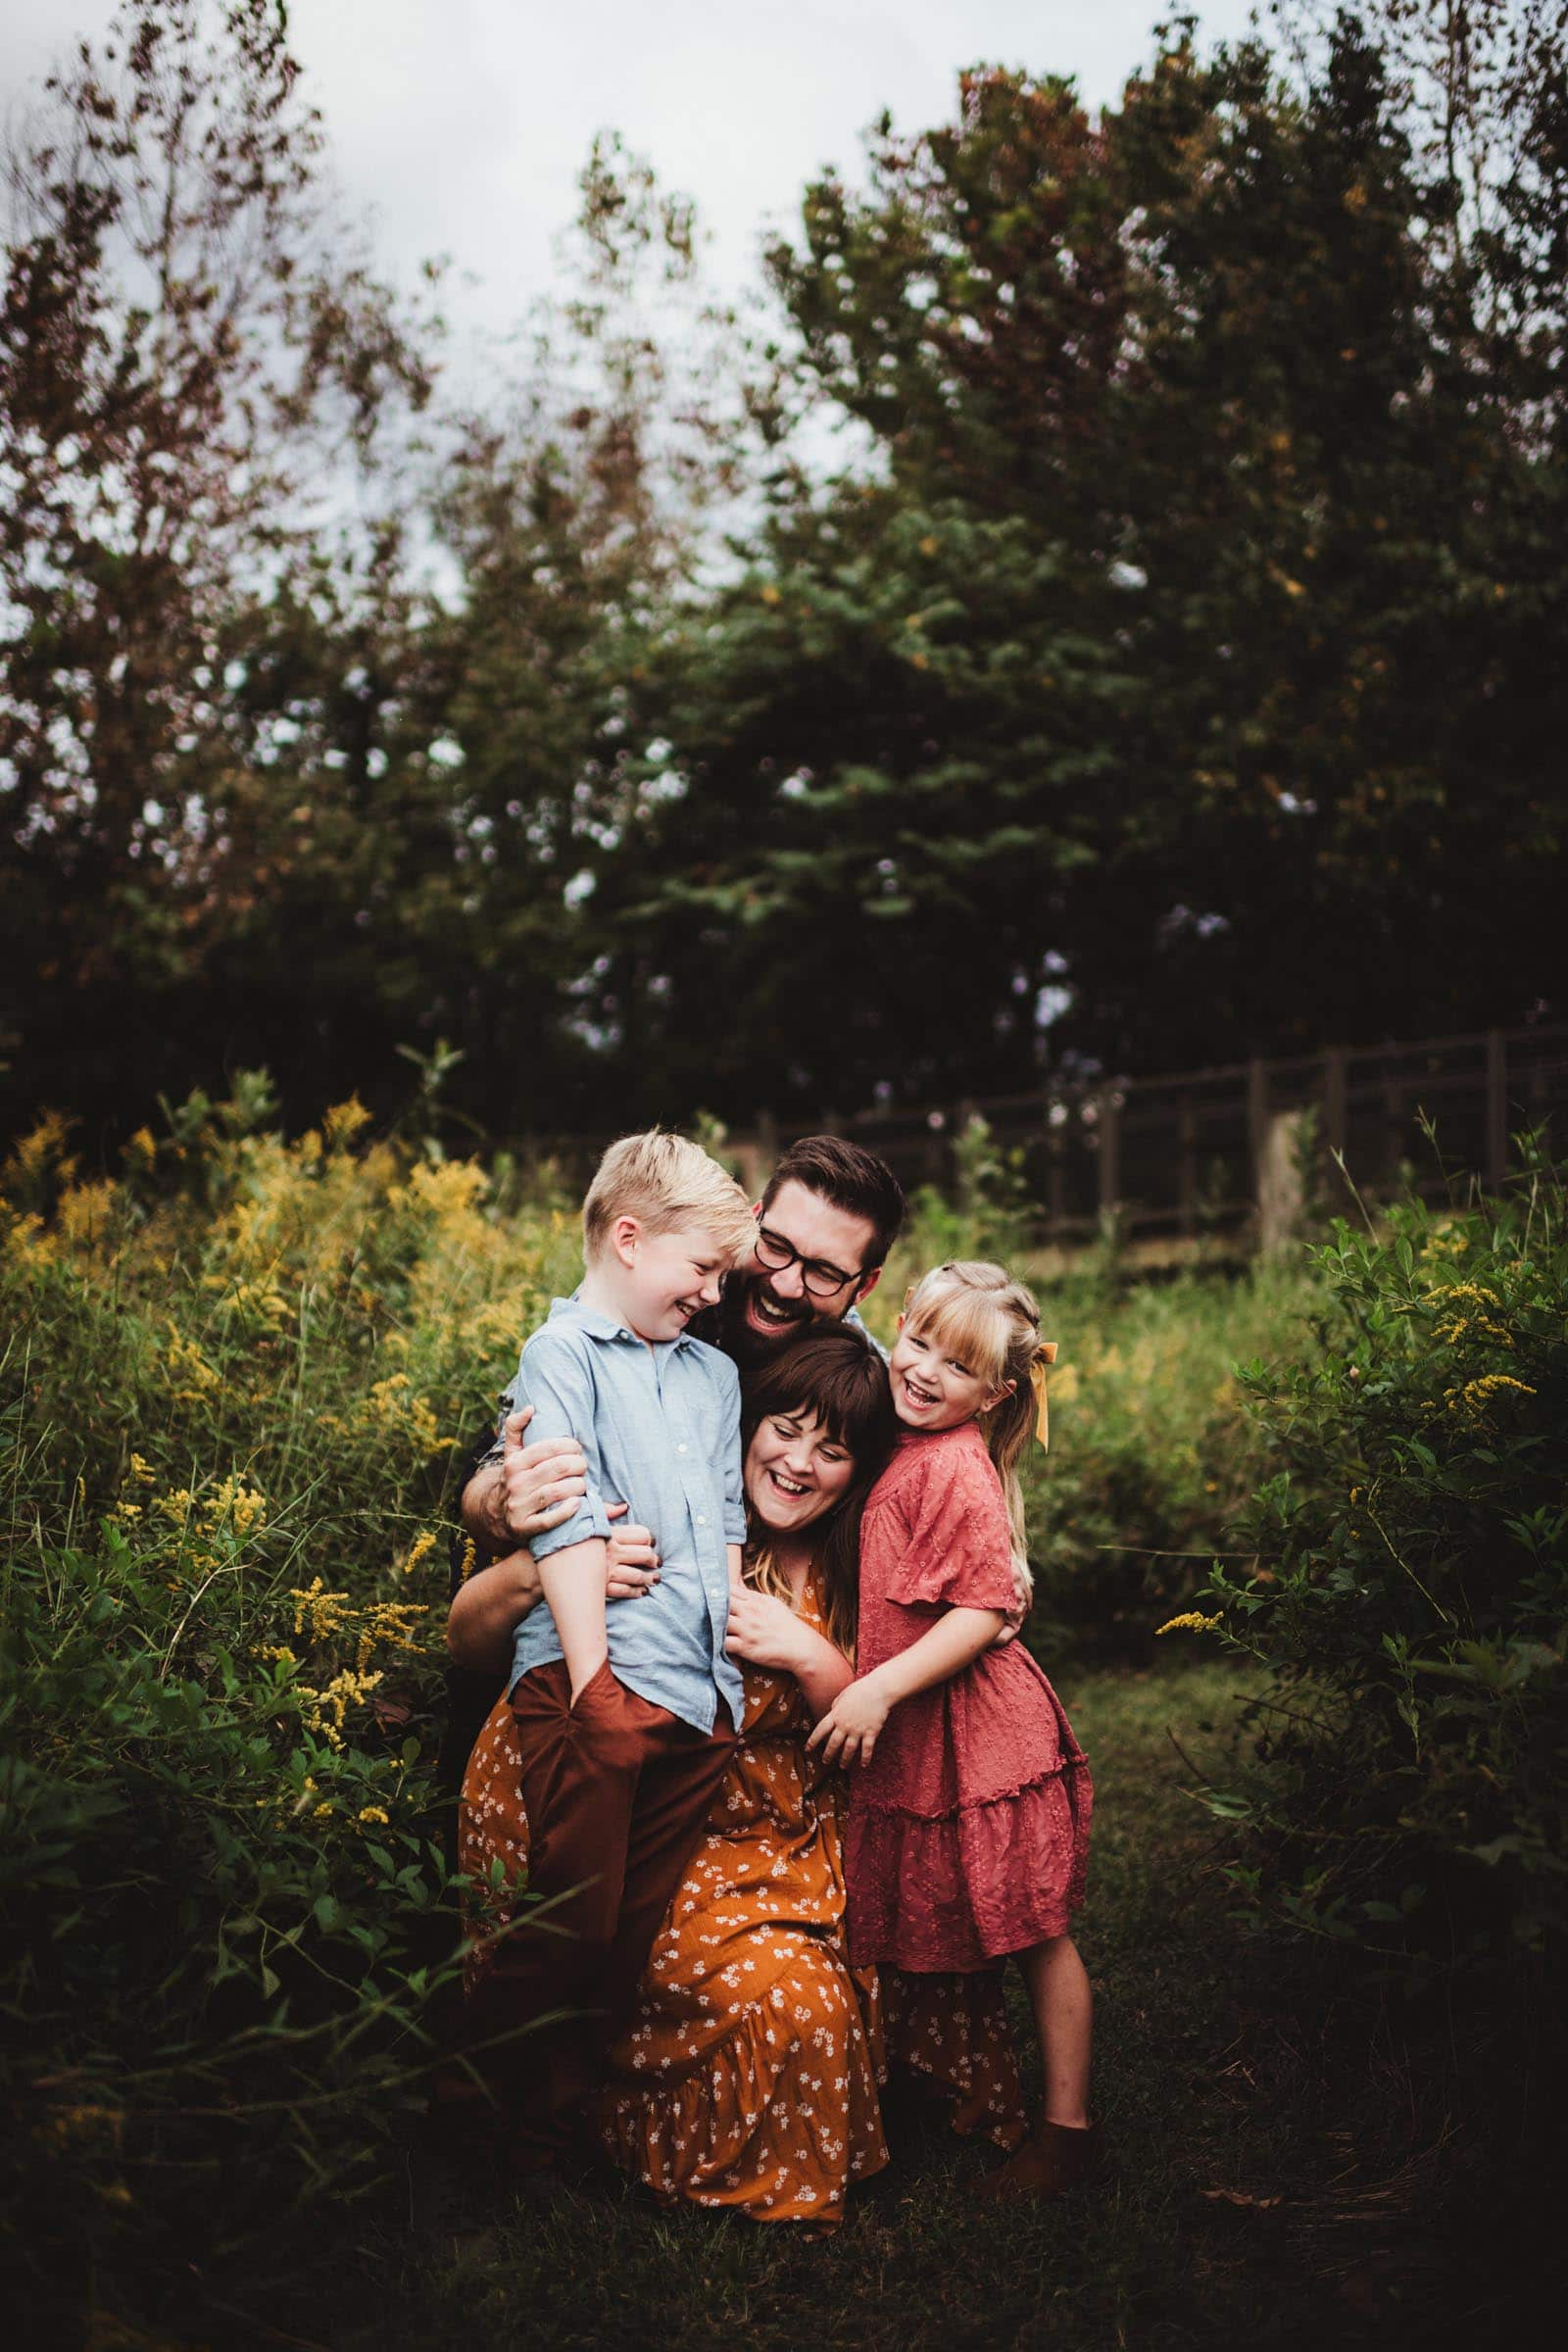 Parents Hugging Kids in Field